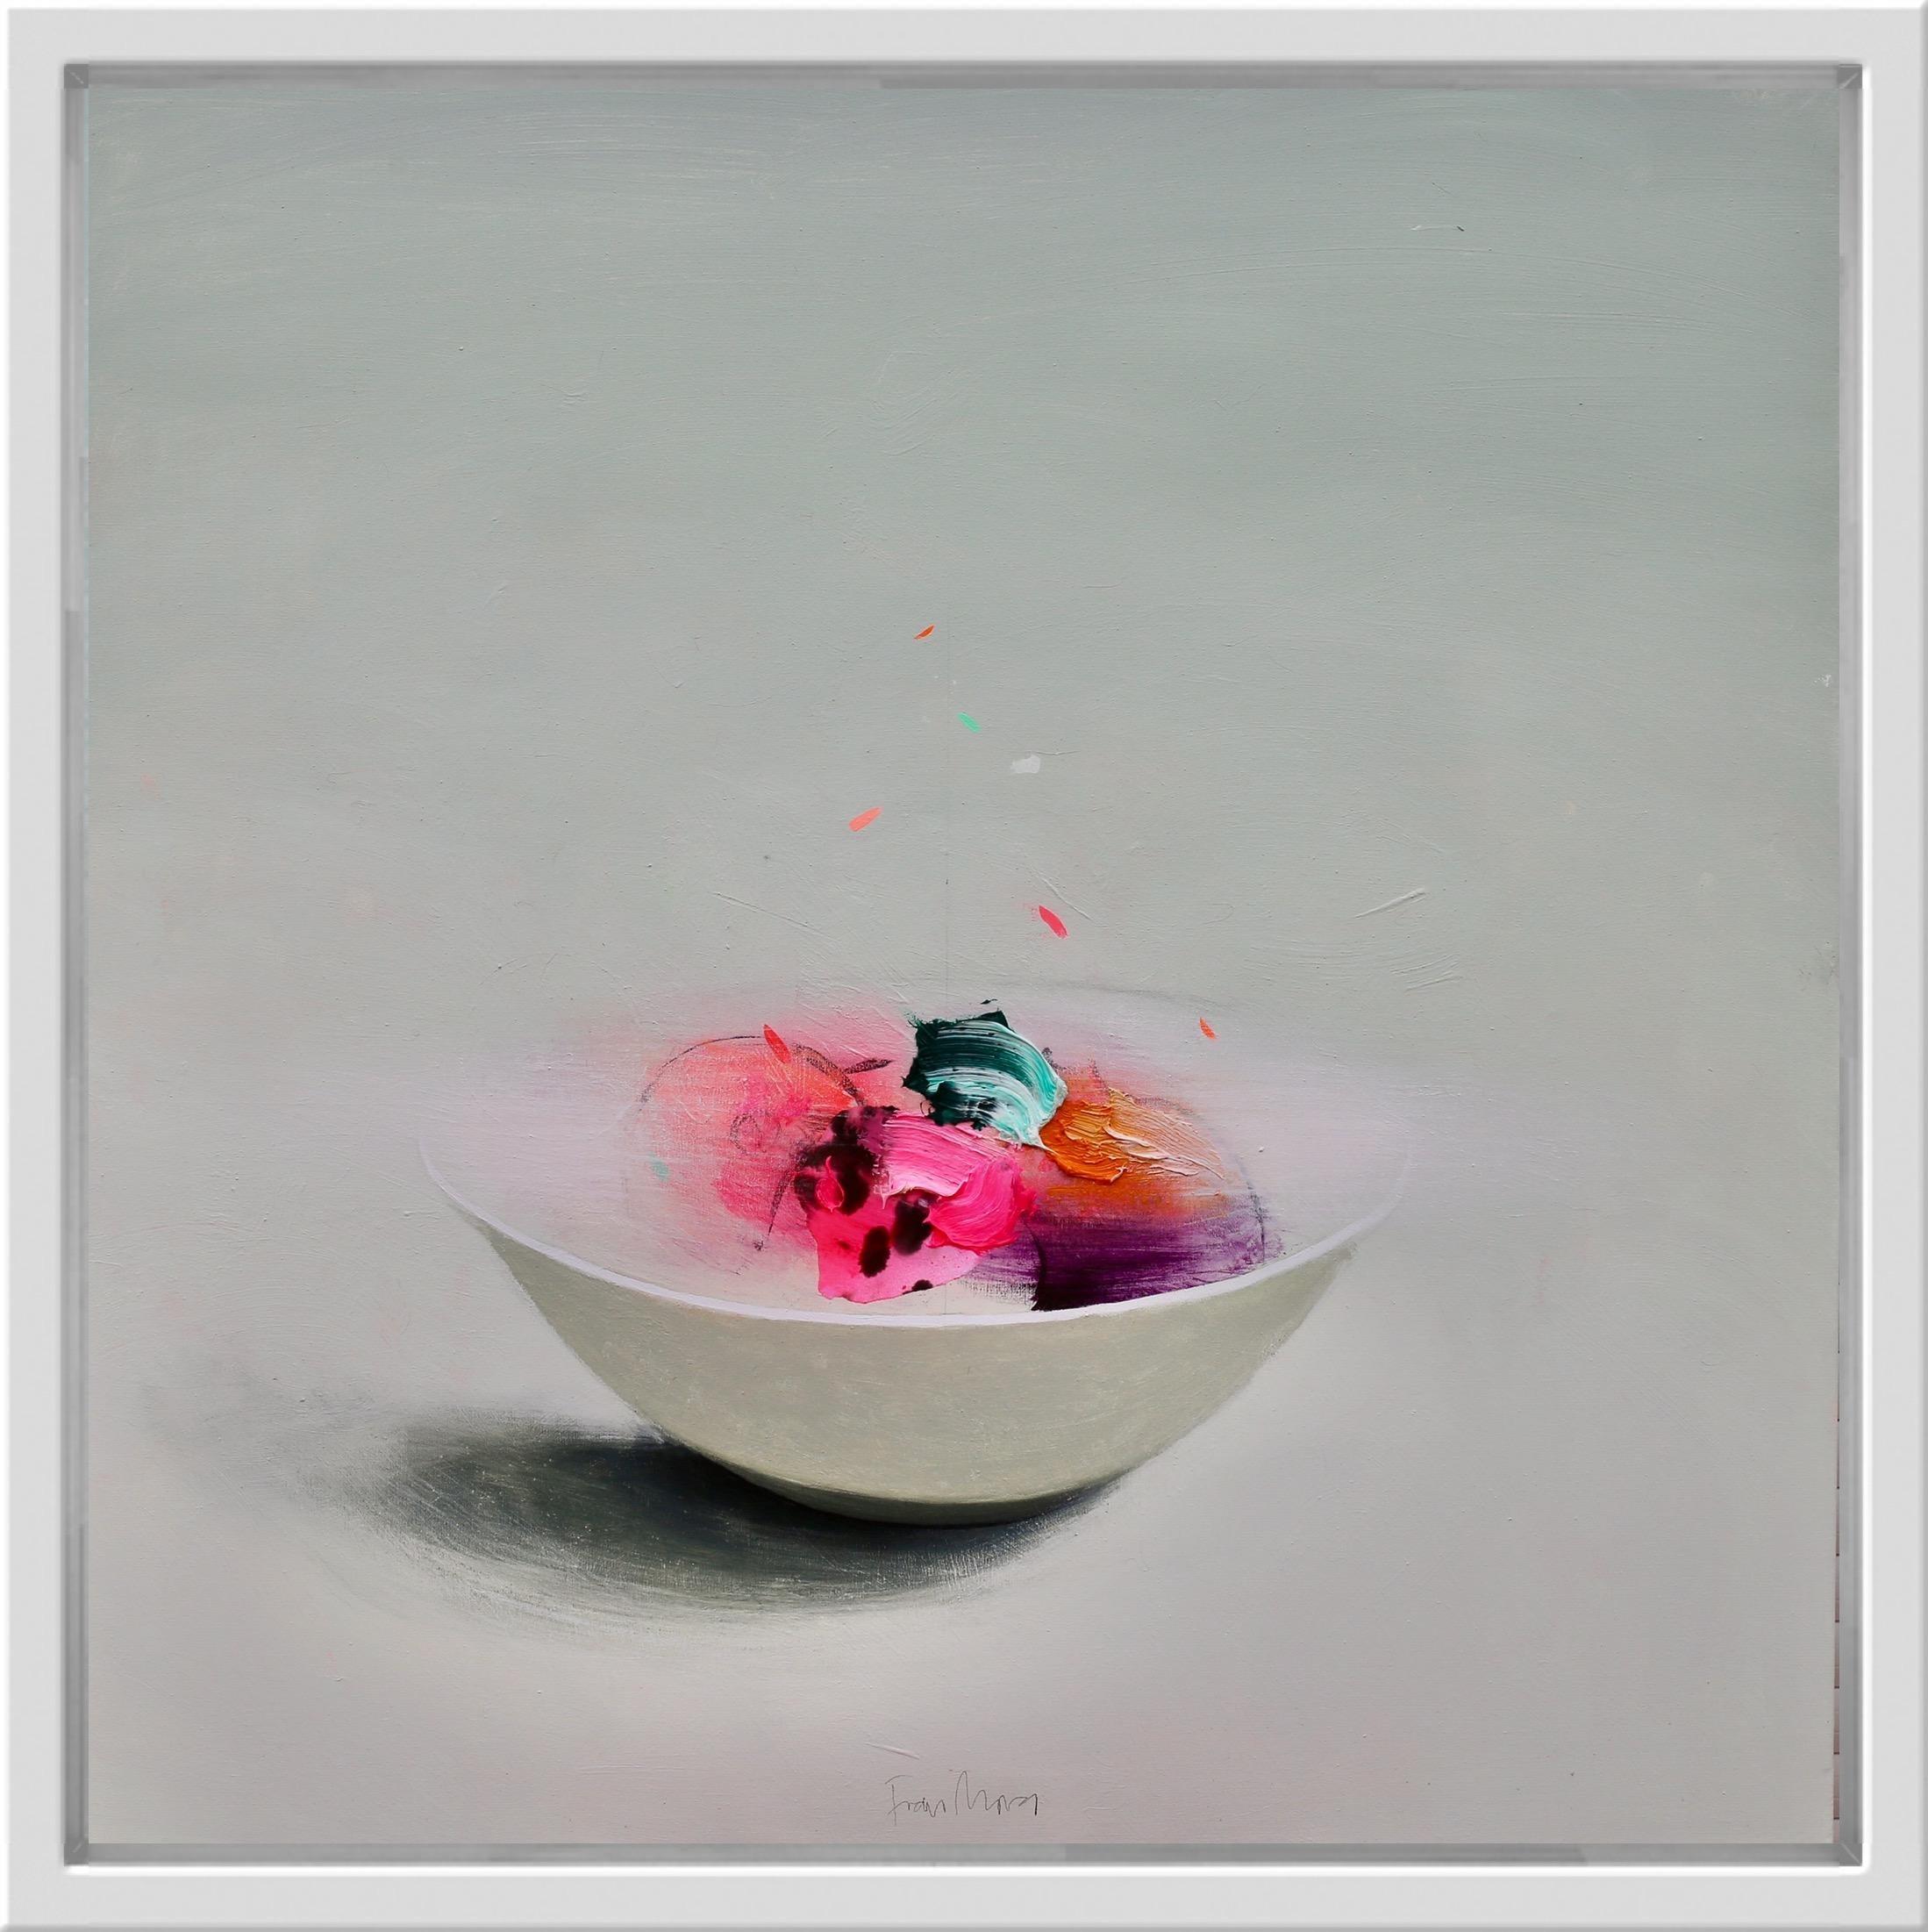 Cuenco (Bowl), still life by Spanish Contemporary Artist Fran Mora